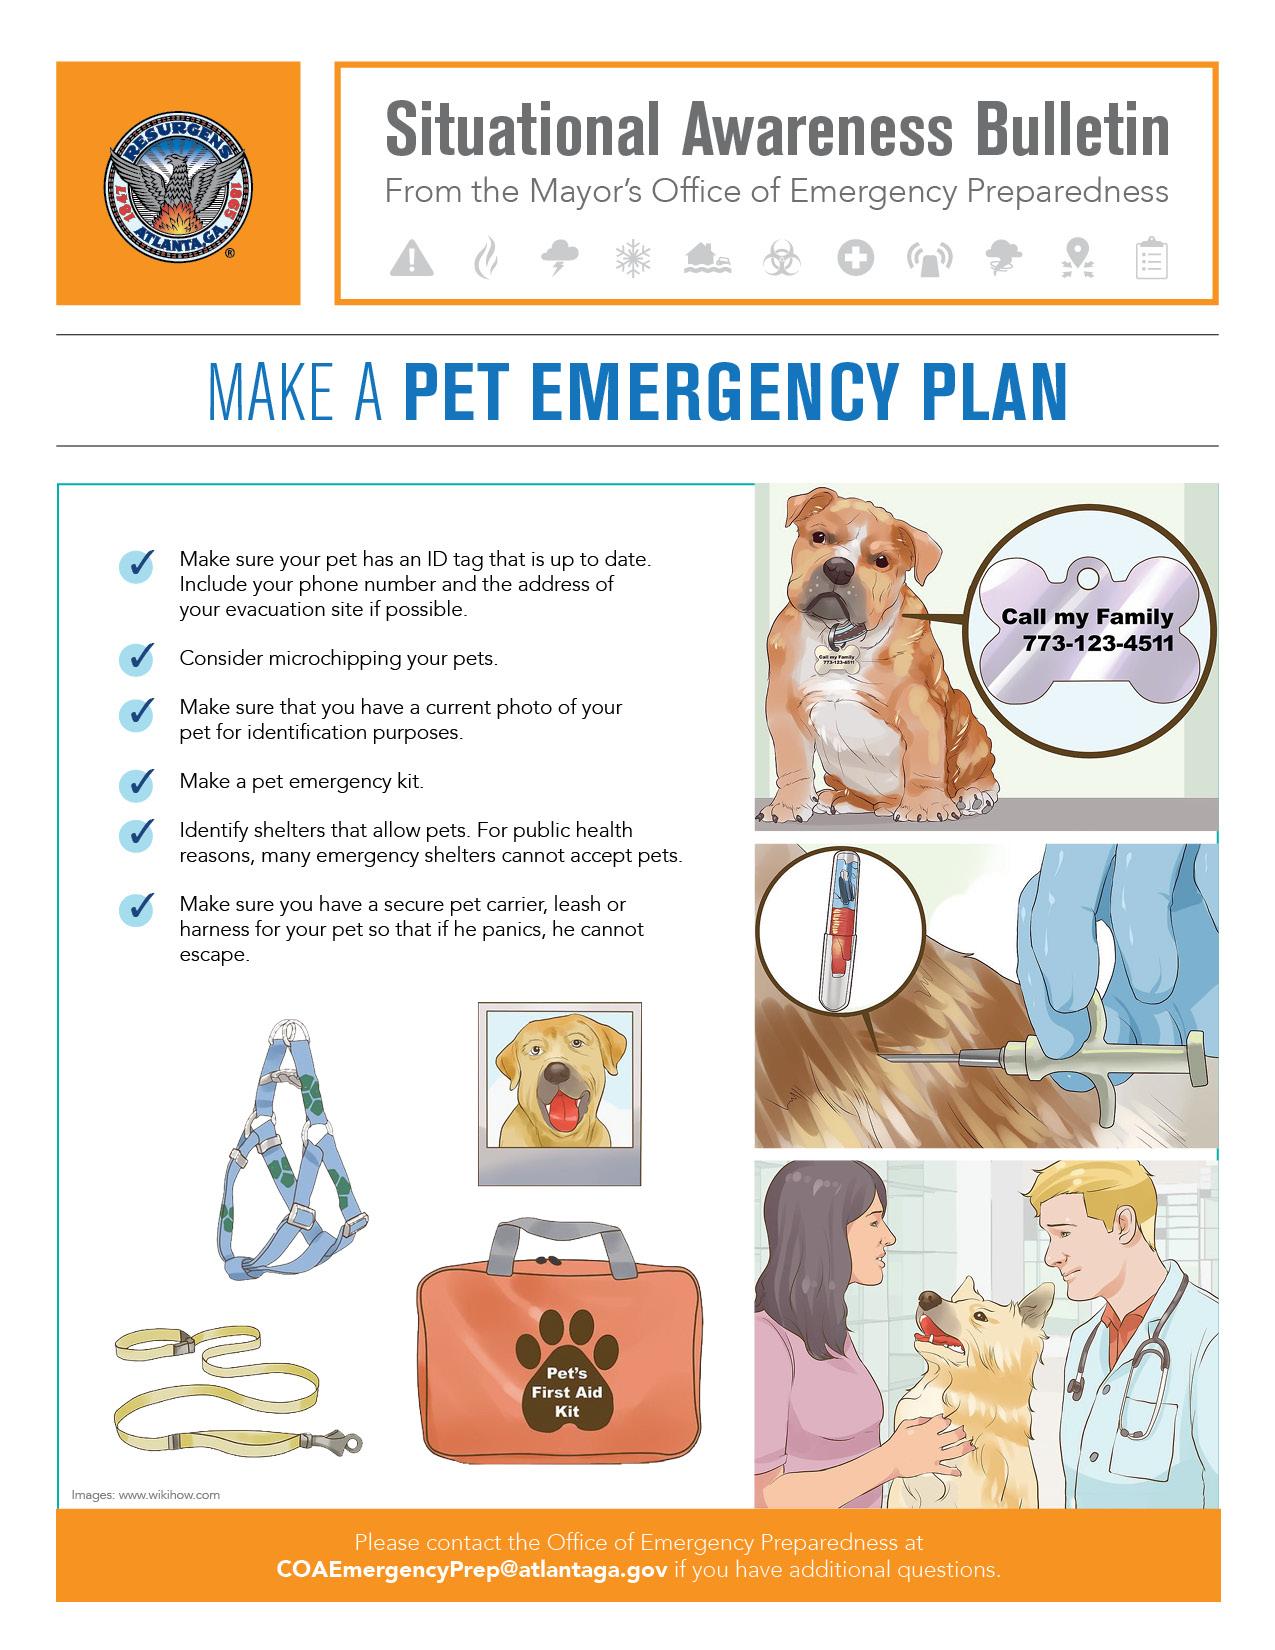 Making a Pet Emergency Plan